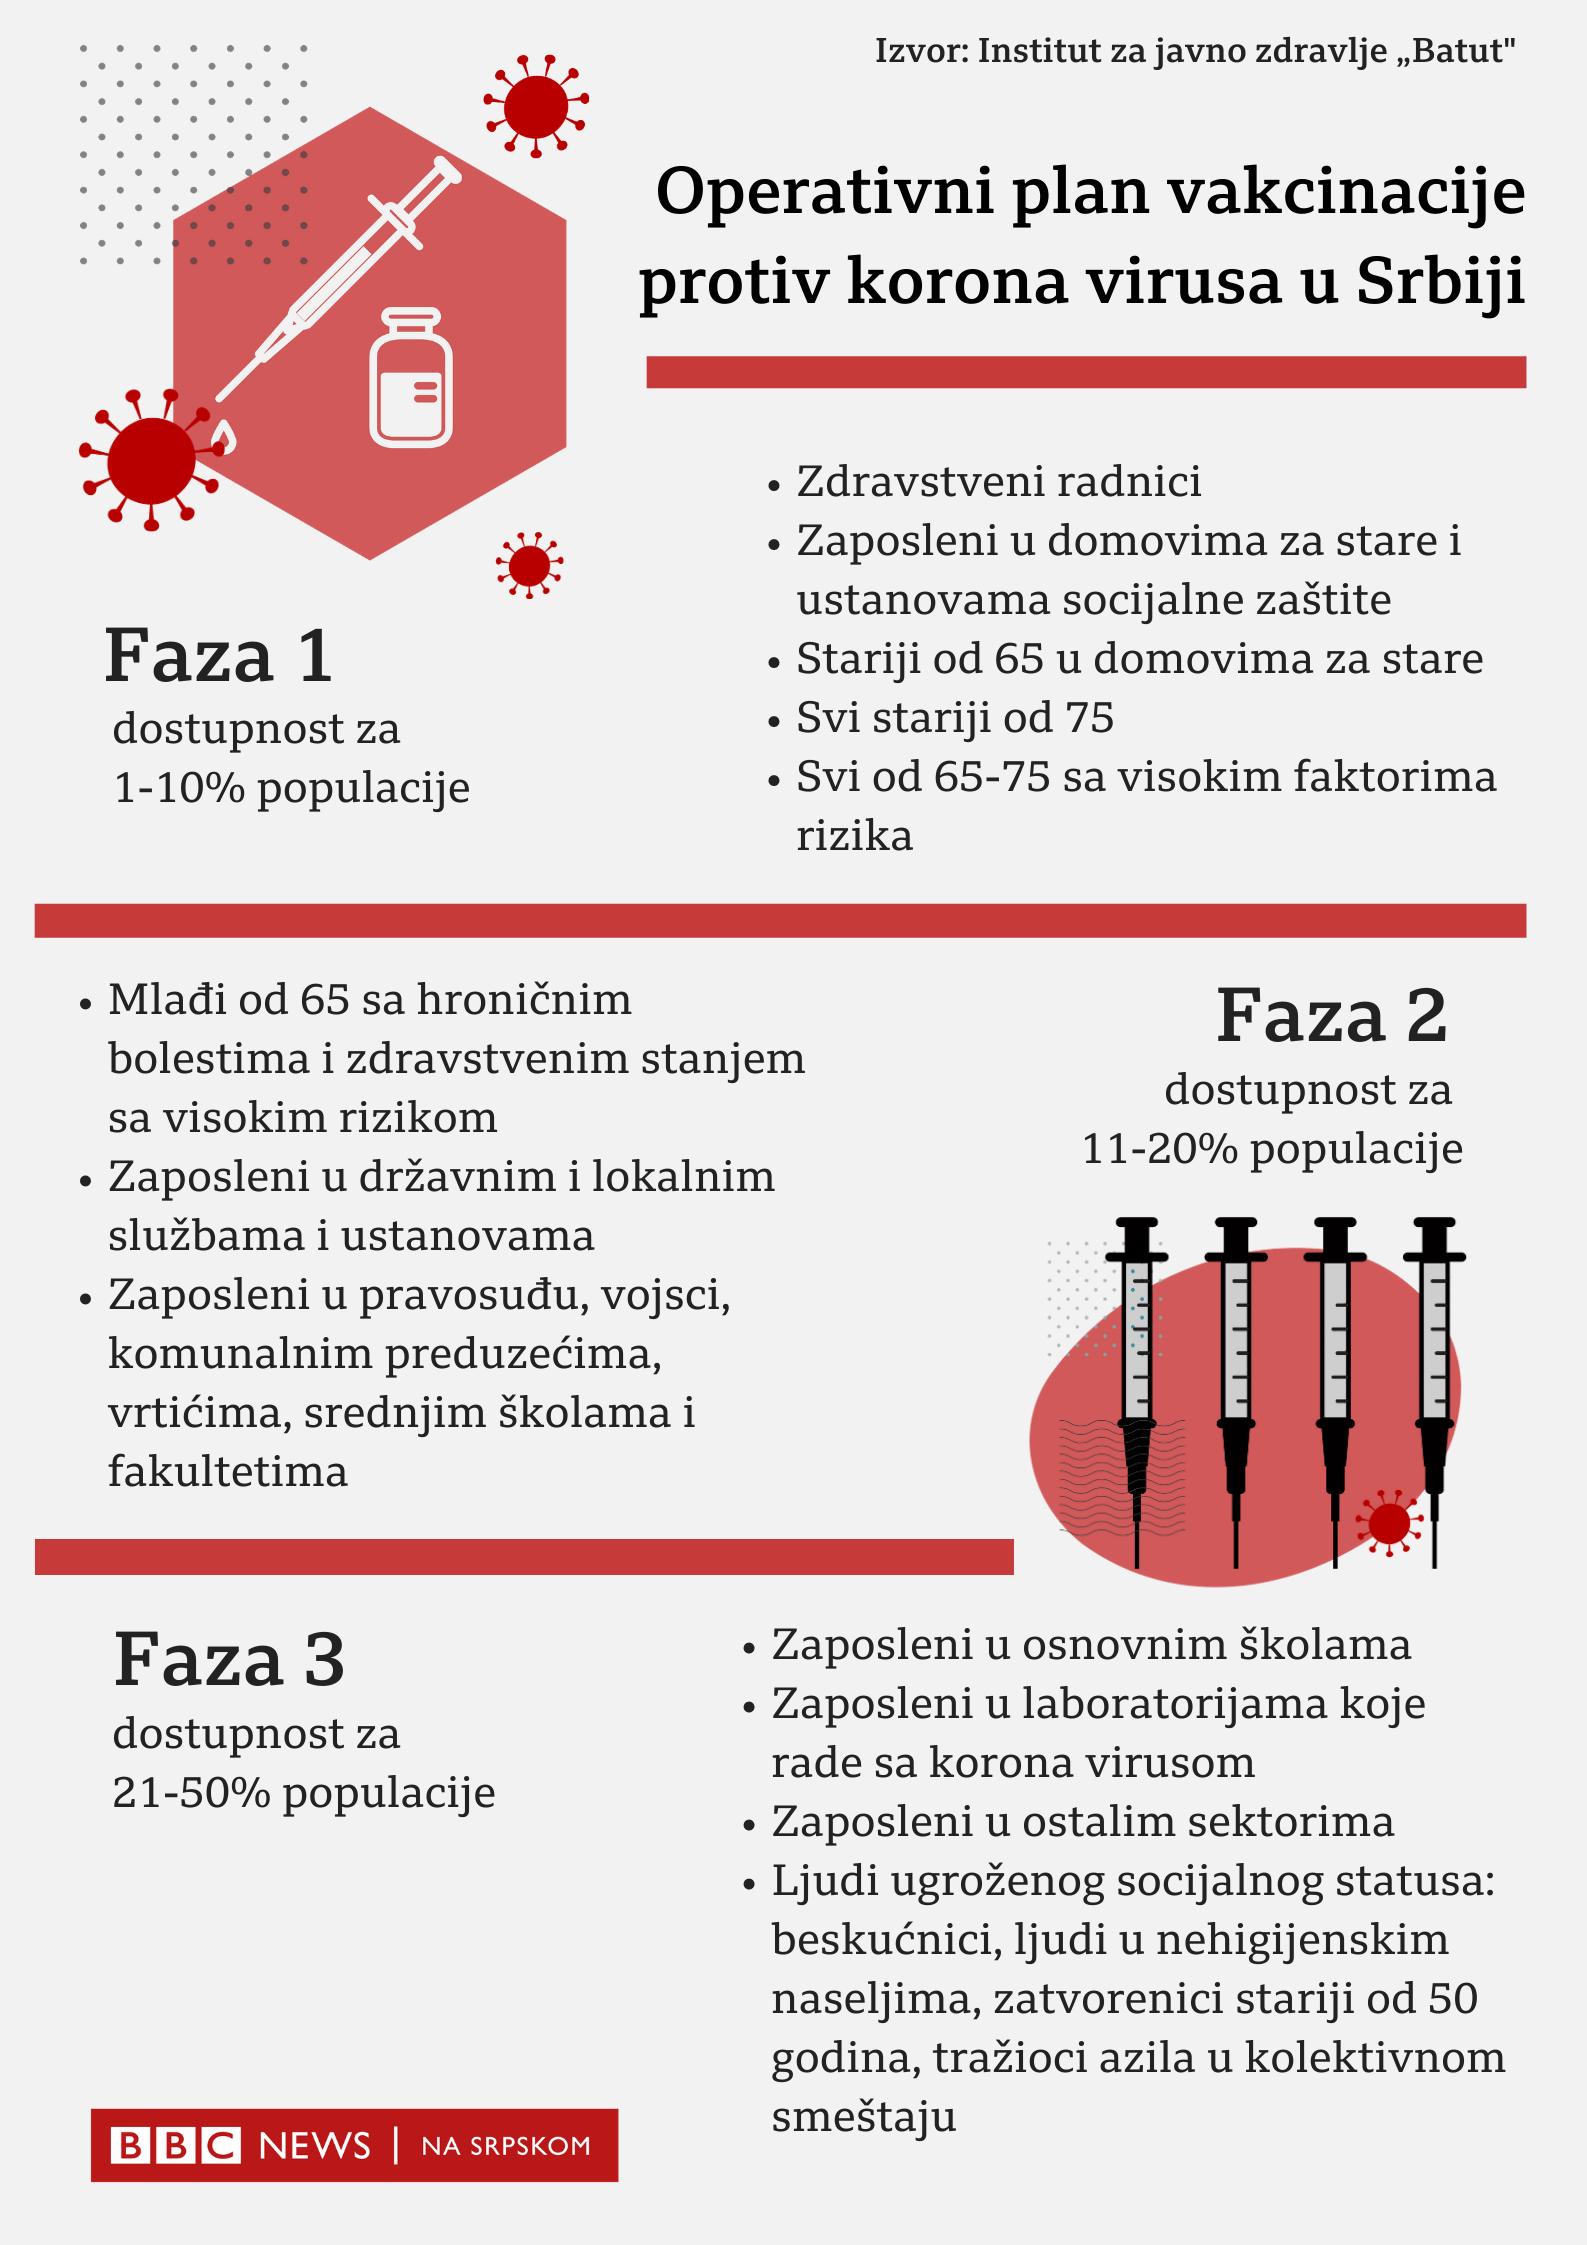 Korona virus: U Srbiji preminulo još 20 ljudi, Mađarska prva u EU odobrila Sputnjik vakcinu